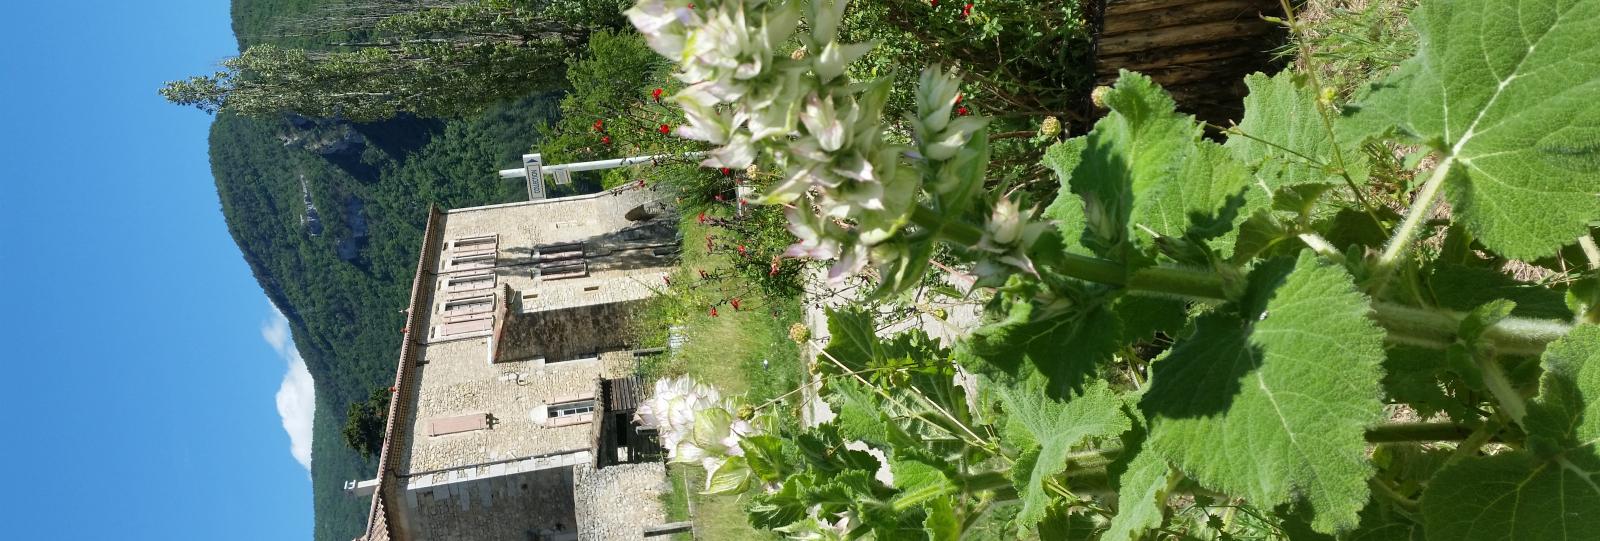 Atelier du Jardin Botanique de Ste Croix : Mon Apéro aux Plantes